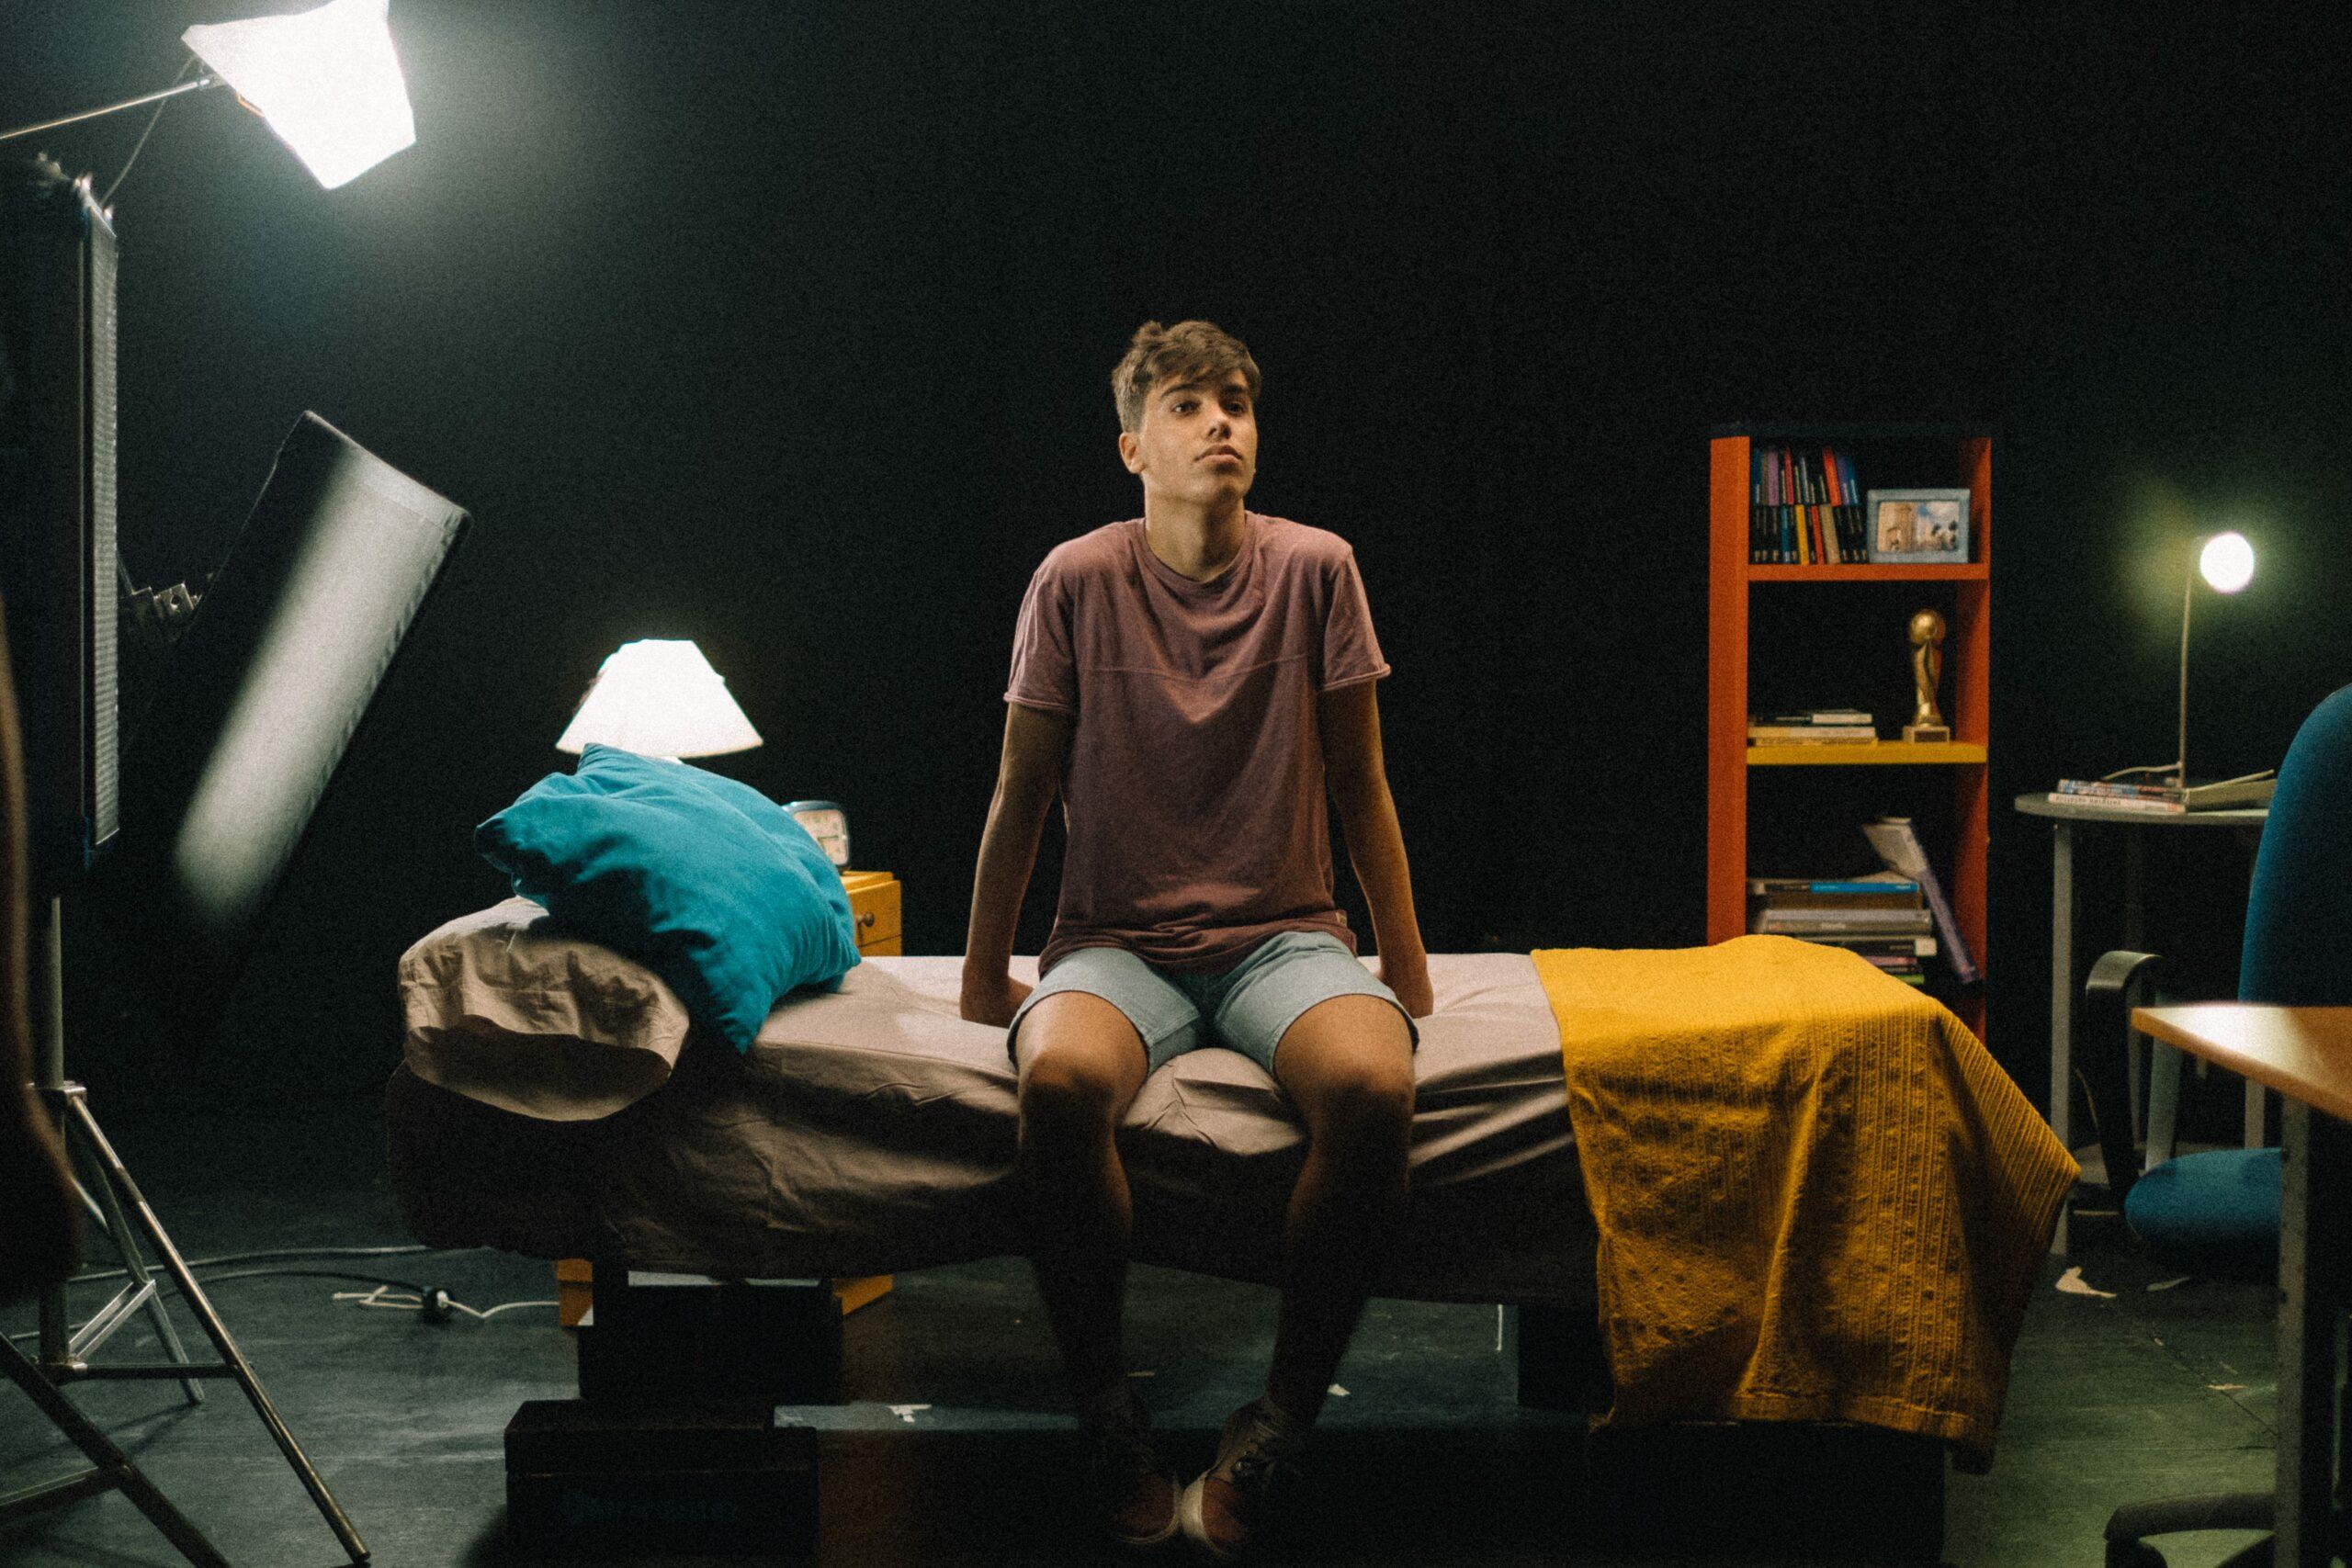 esquema de iluminación vídeo productora audiovisual kreativa visual (6)